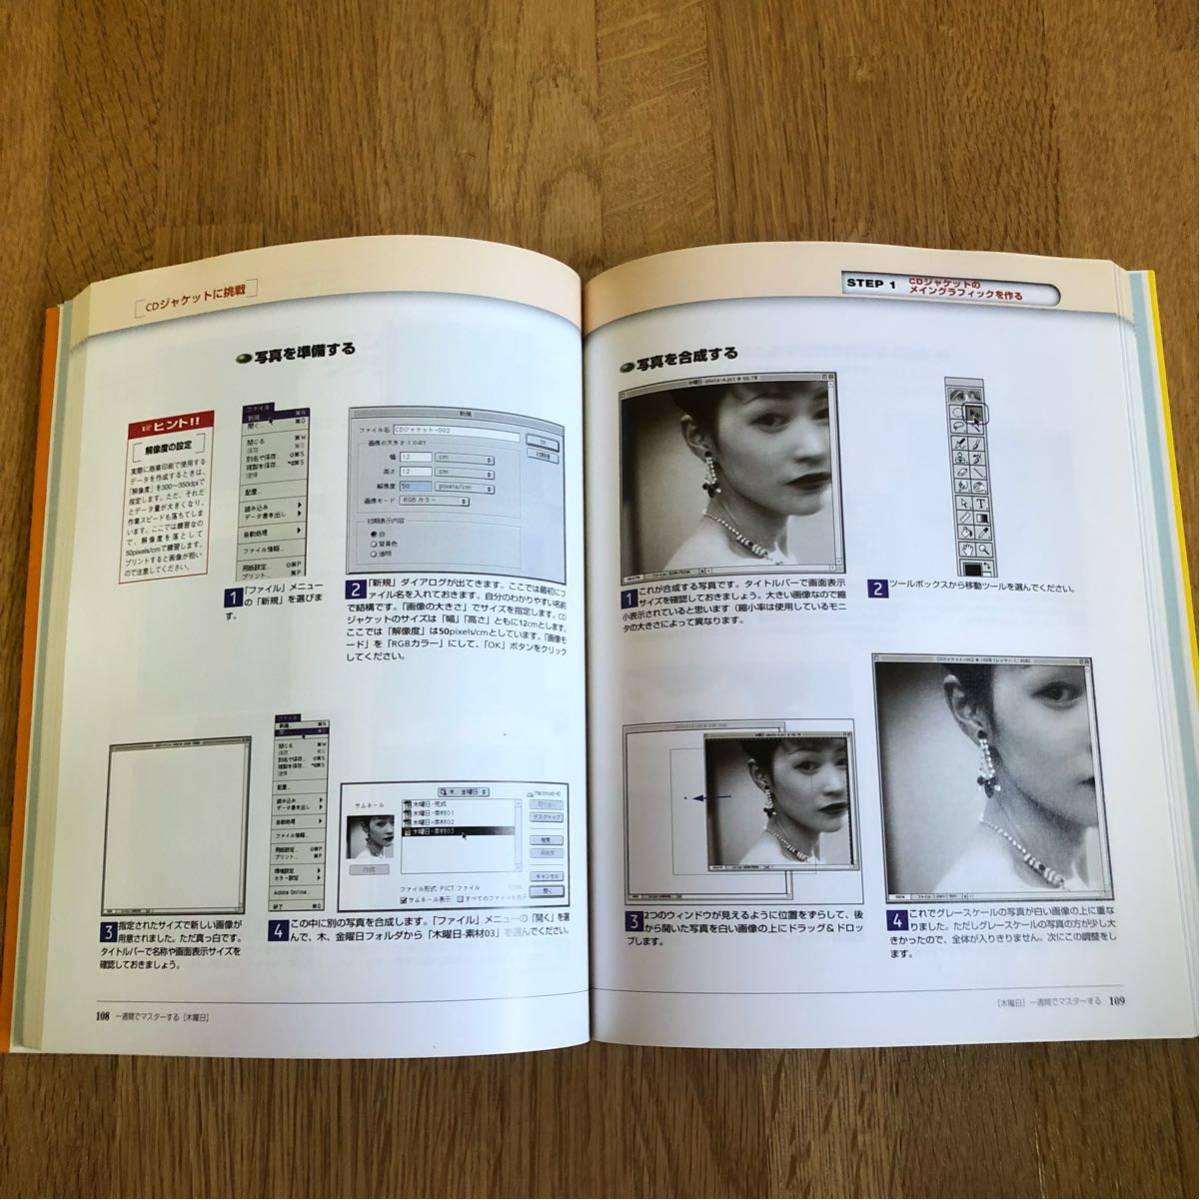 送料込み★一週間でマスターする★Adobe Photoshop 5.0★Mac フォトショップ_画像2